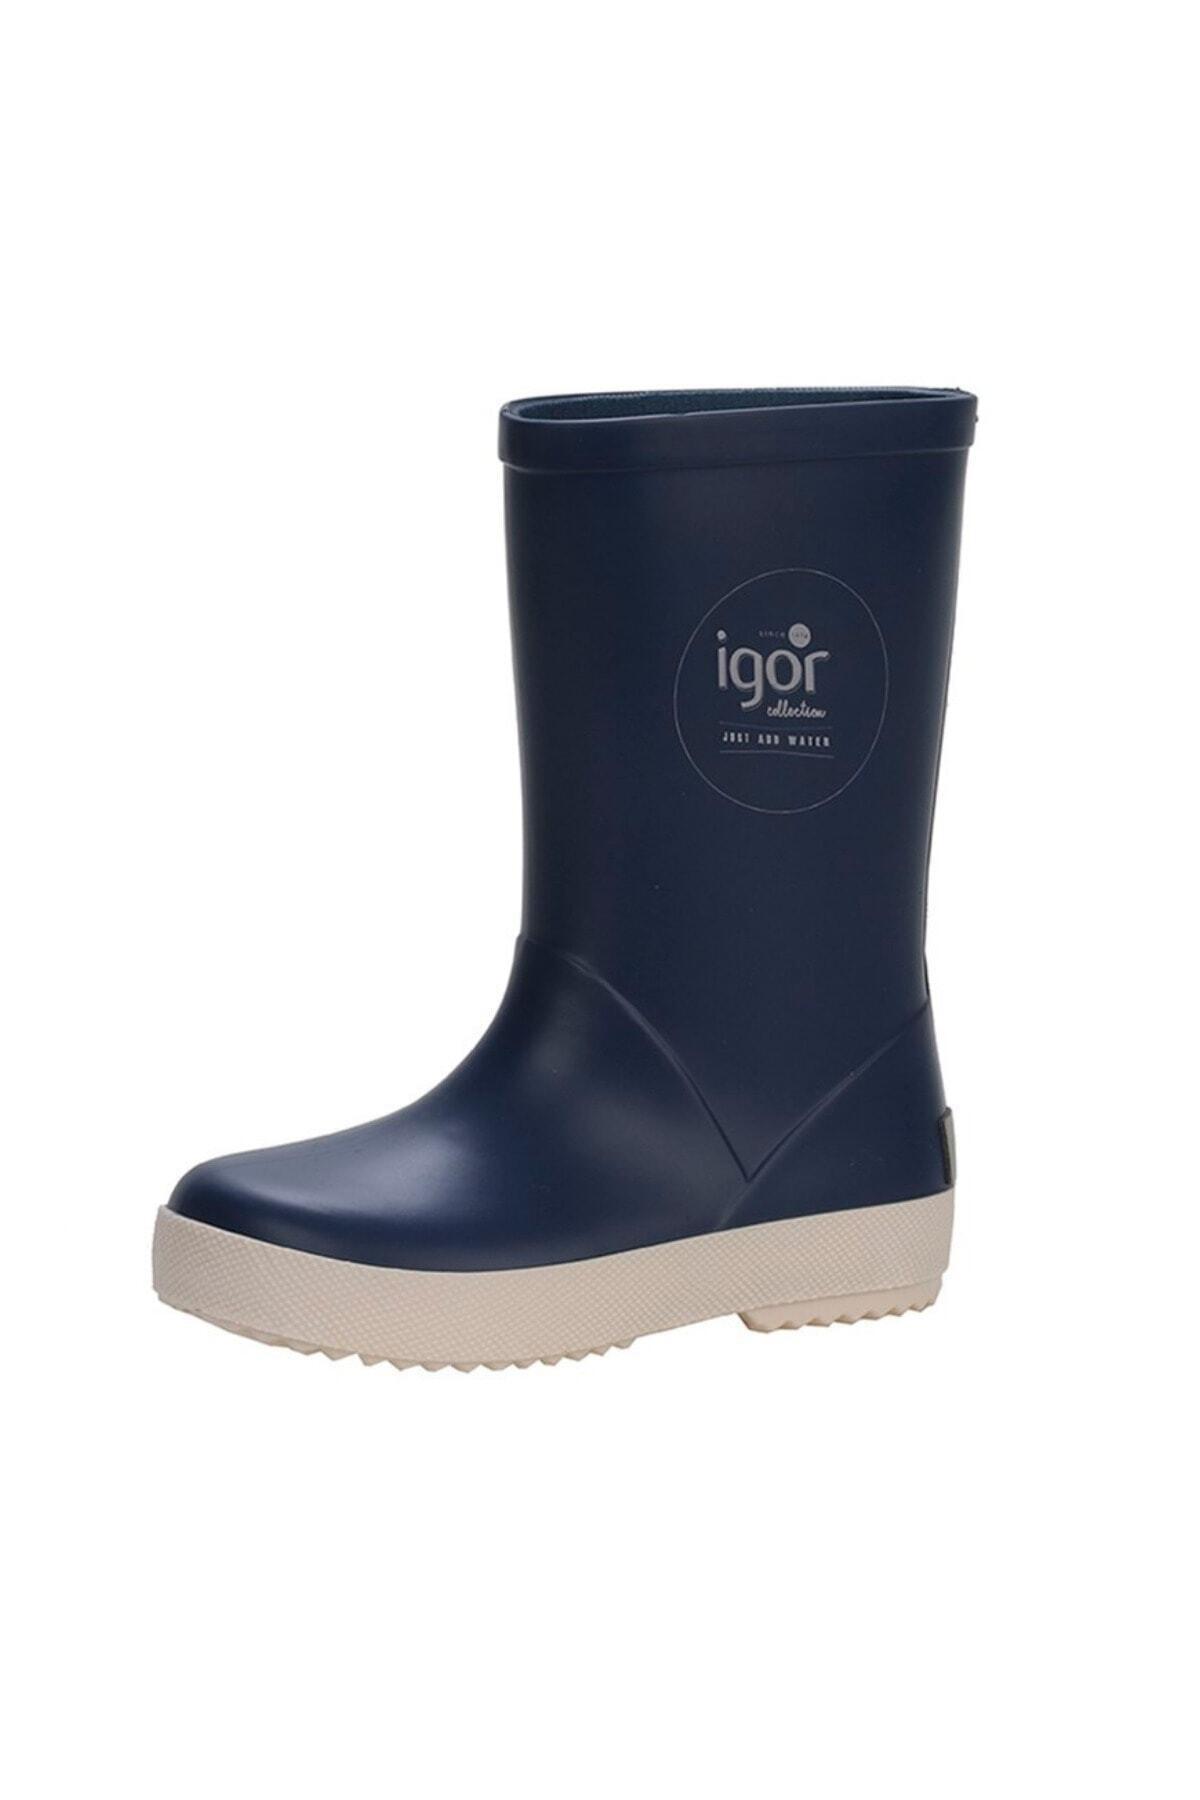 IGOR Splash Nautico Çocuk Yağmur Çizmesi Jeans 2